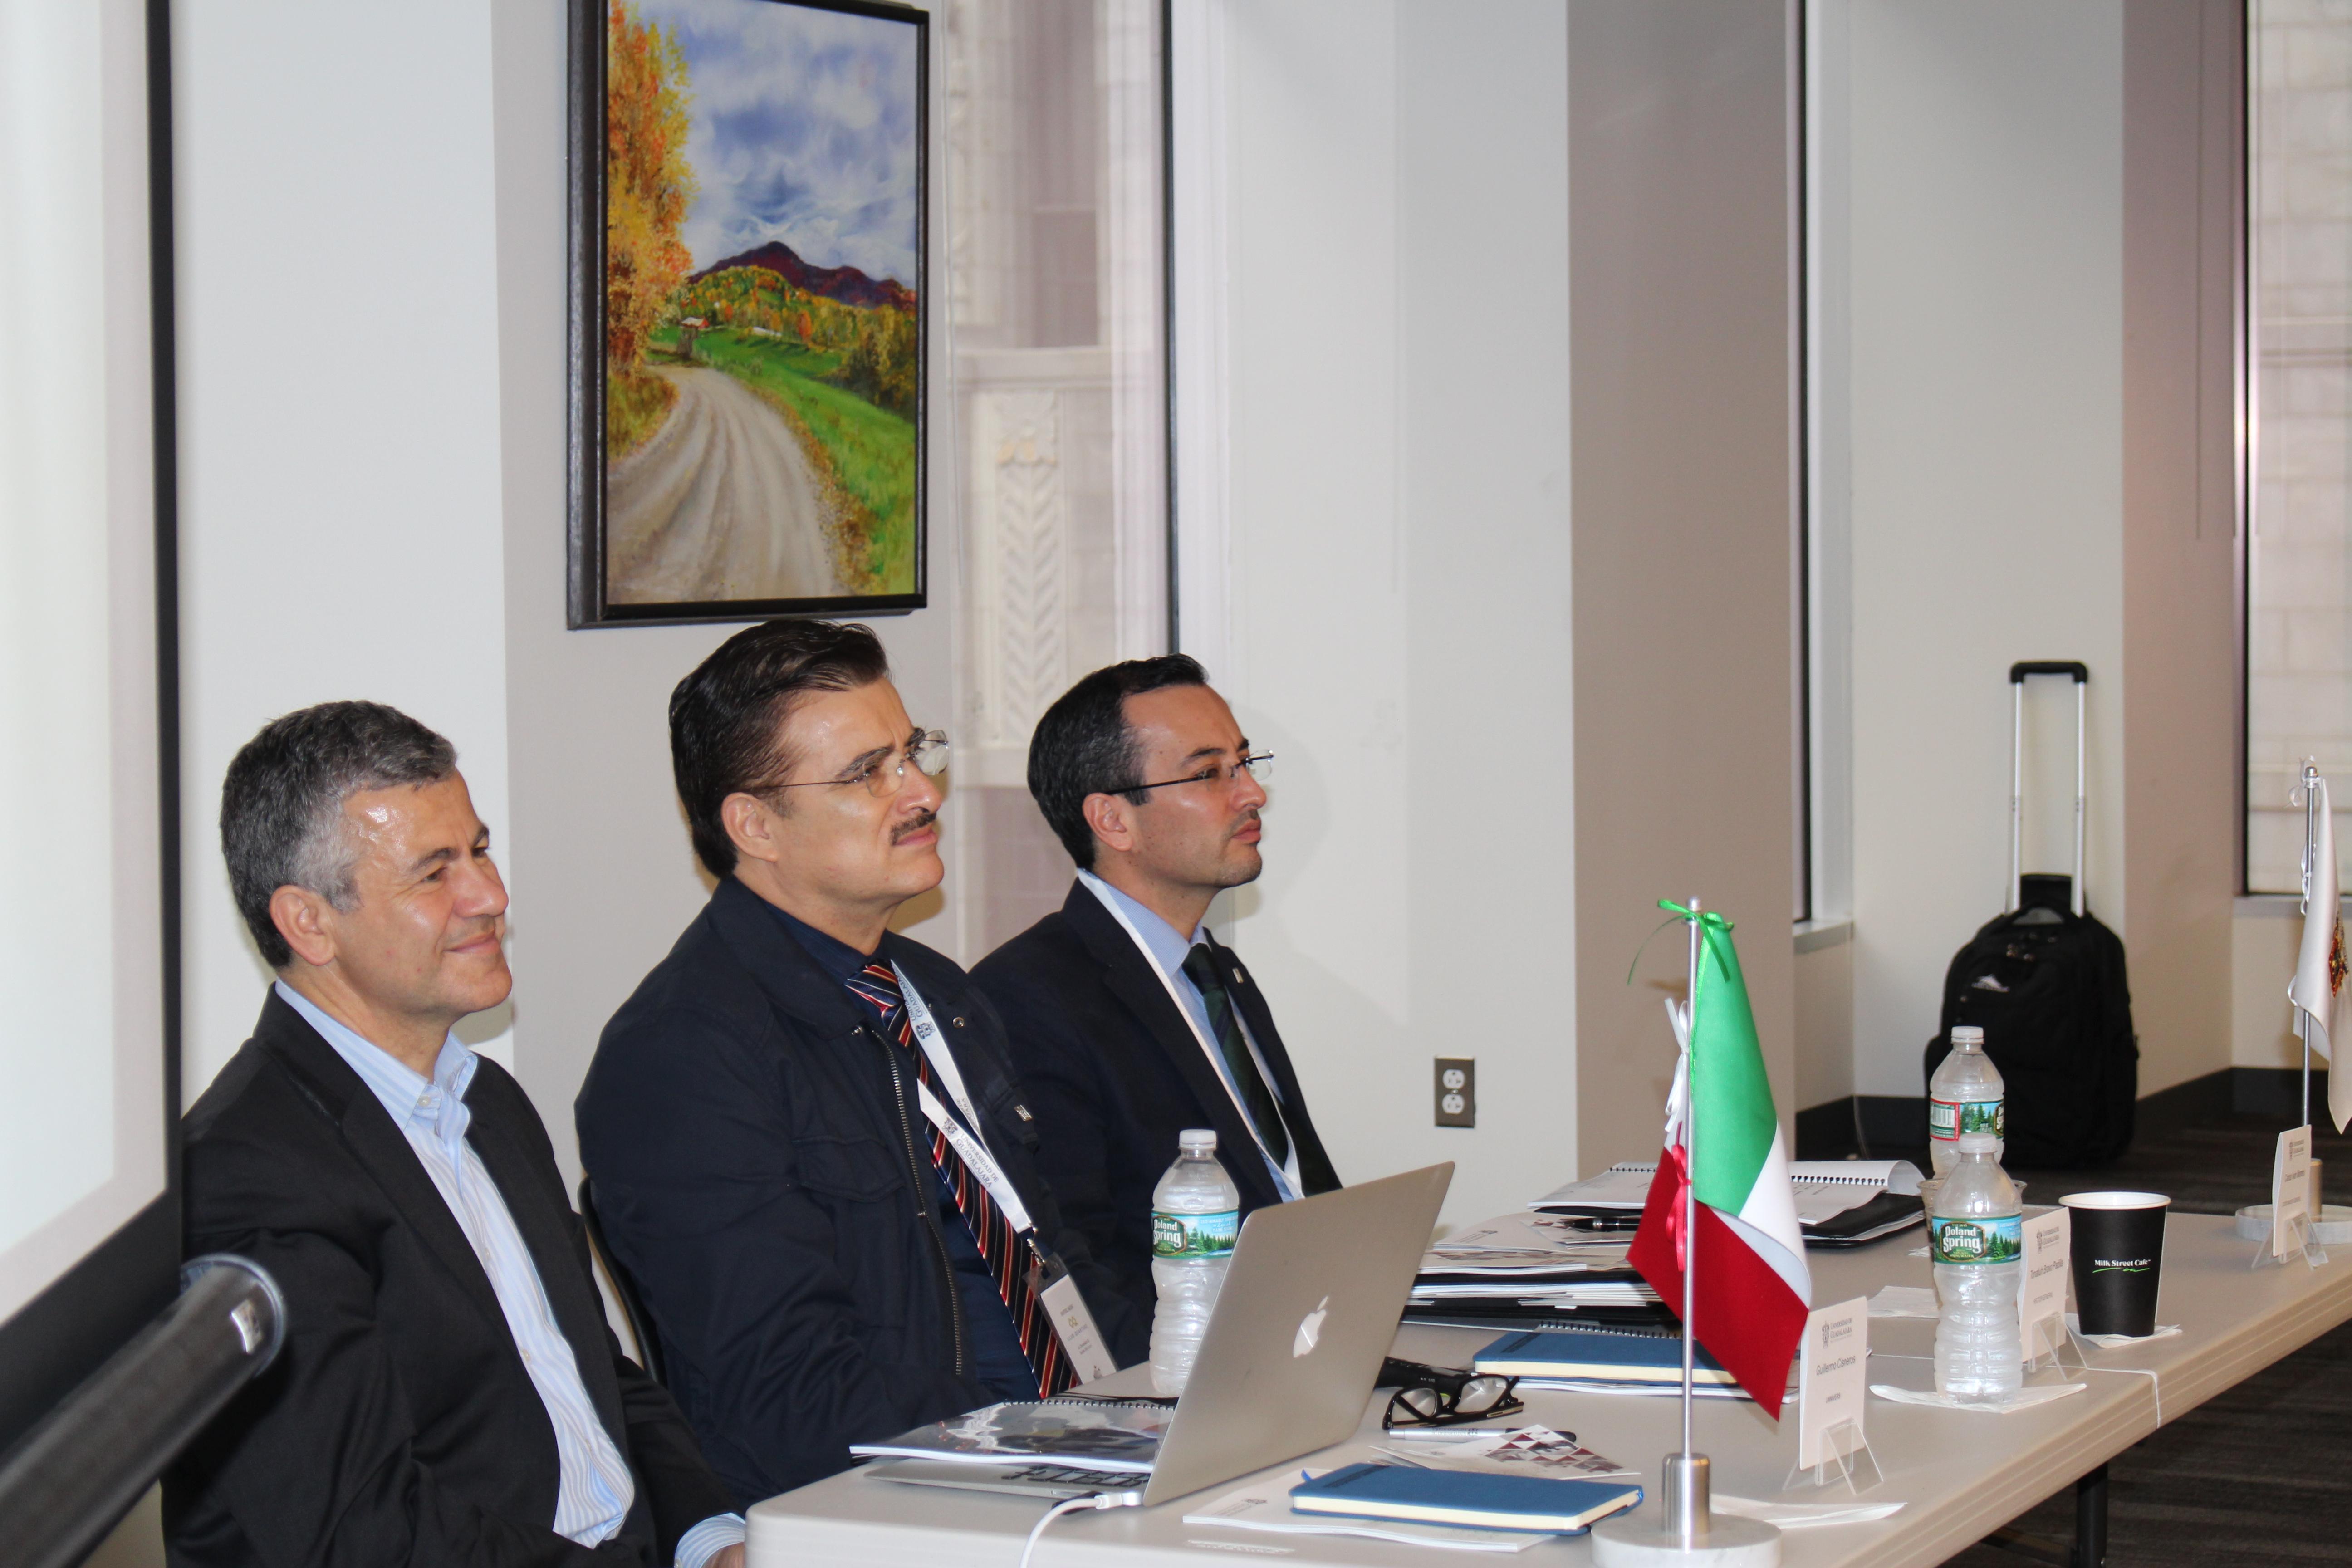 Autoridades representantes del seminario, atentos a la reunión